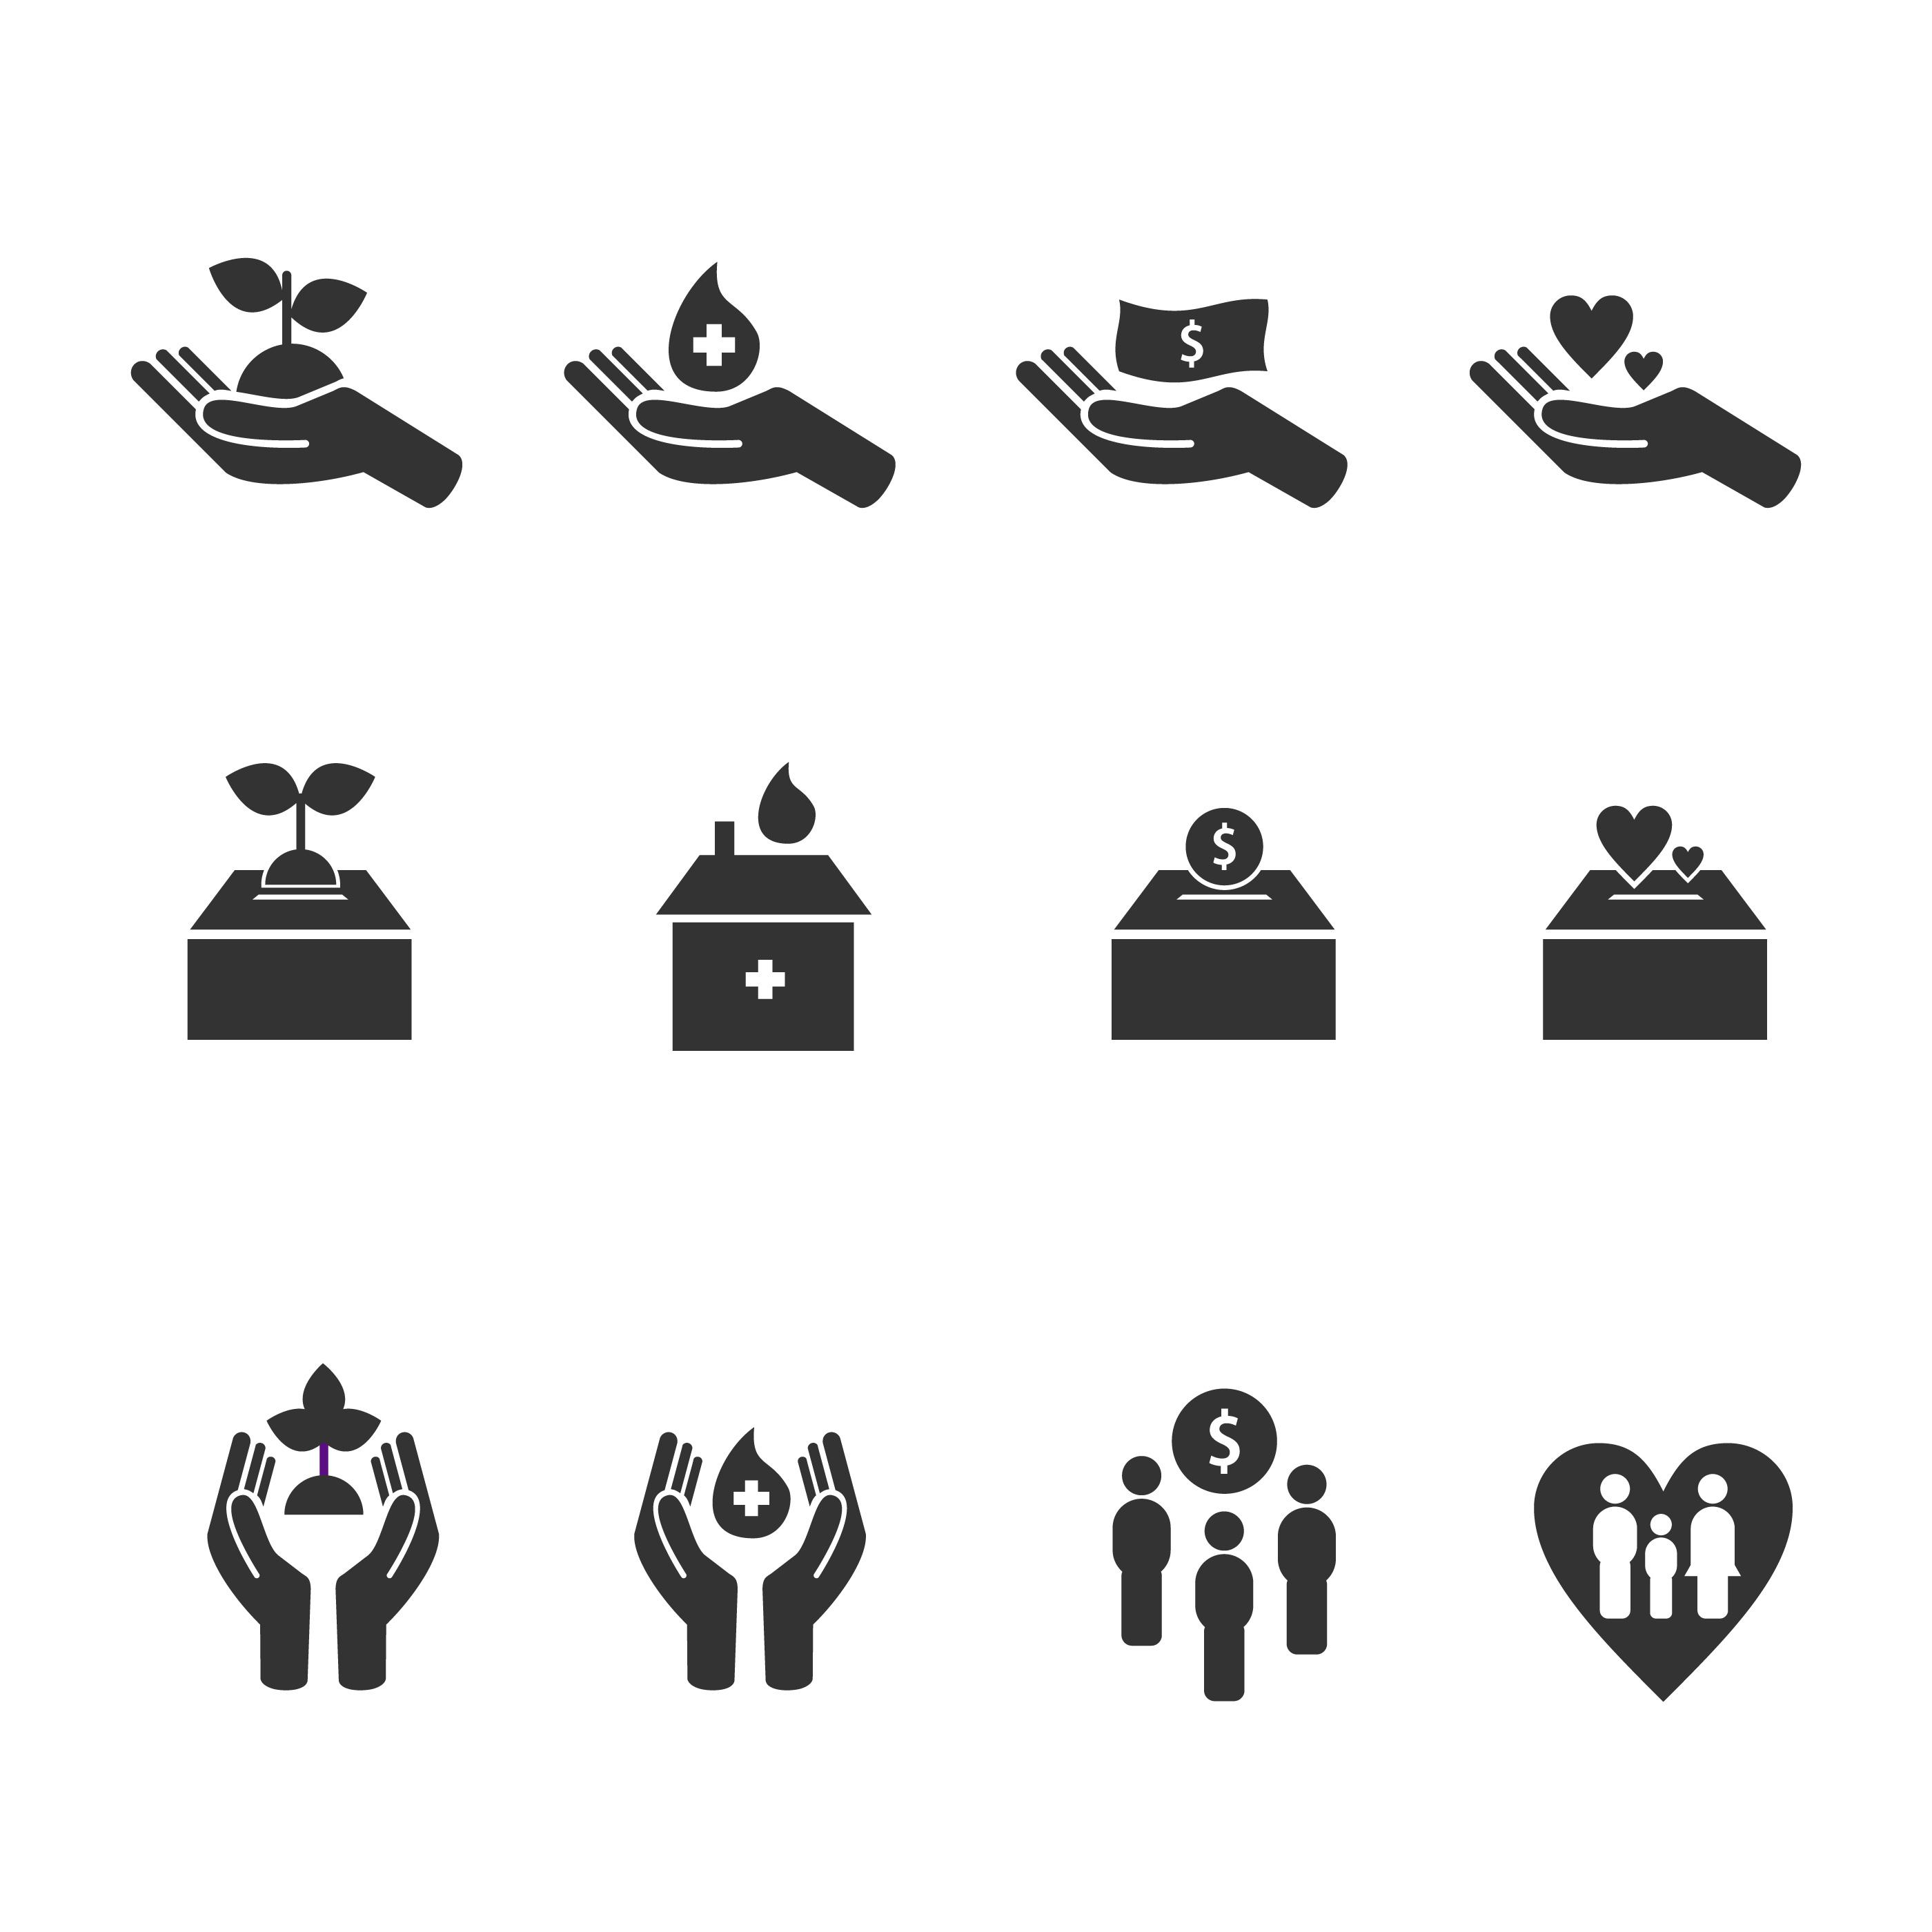 Icones De Vetor De Bondade E Cuidado